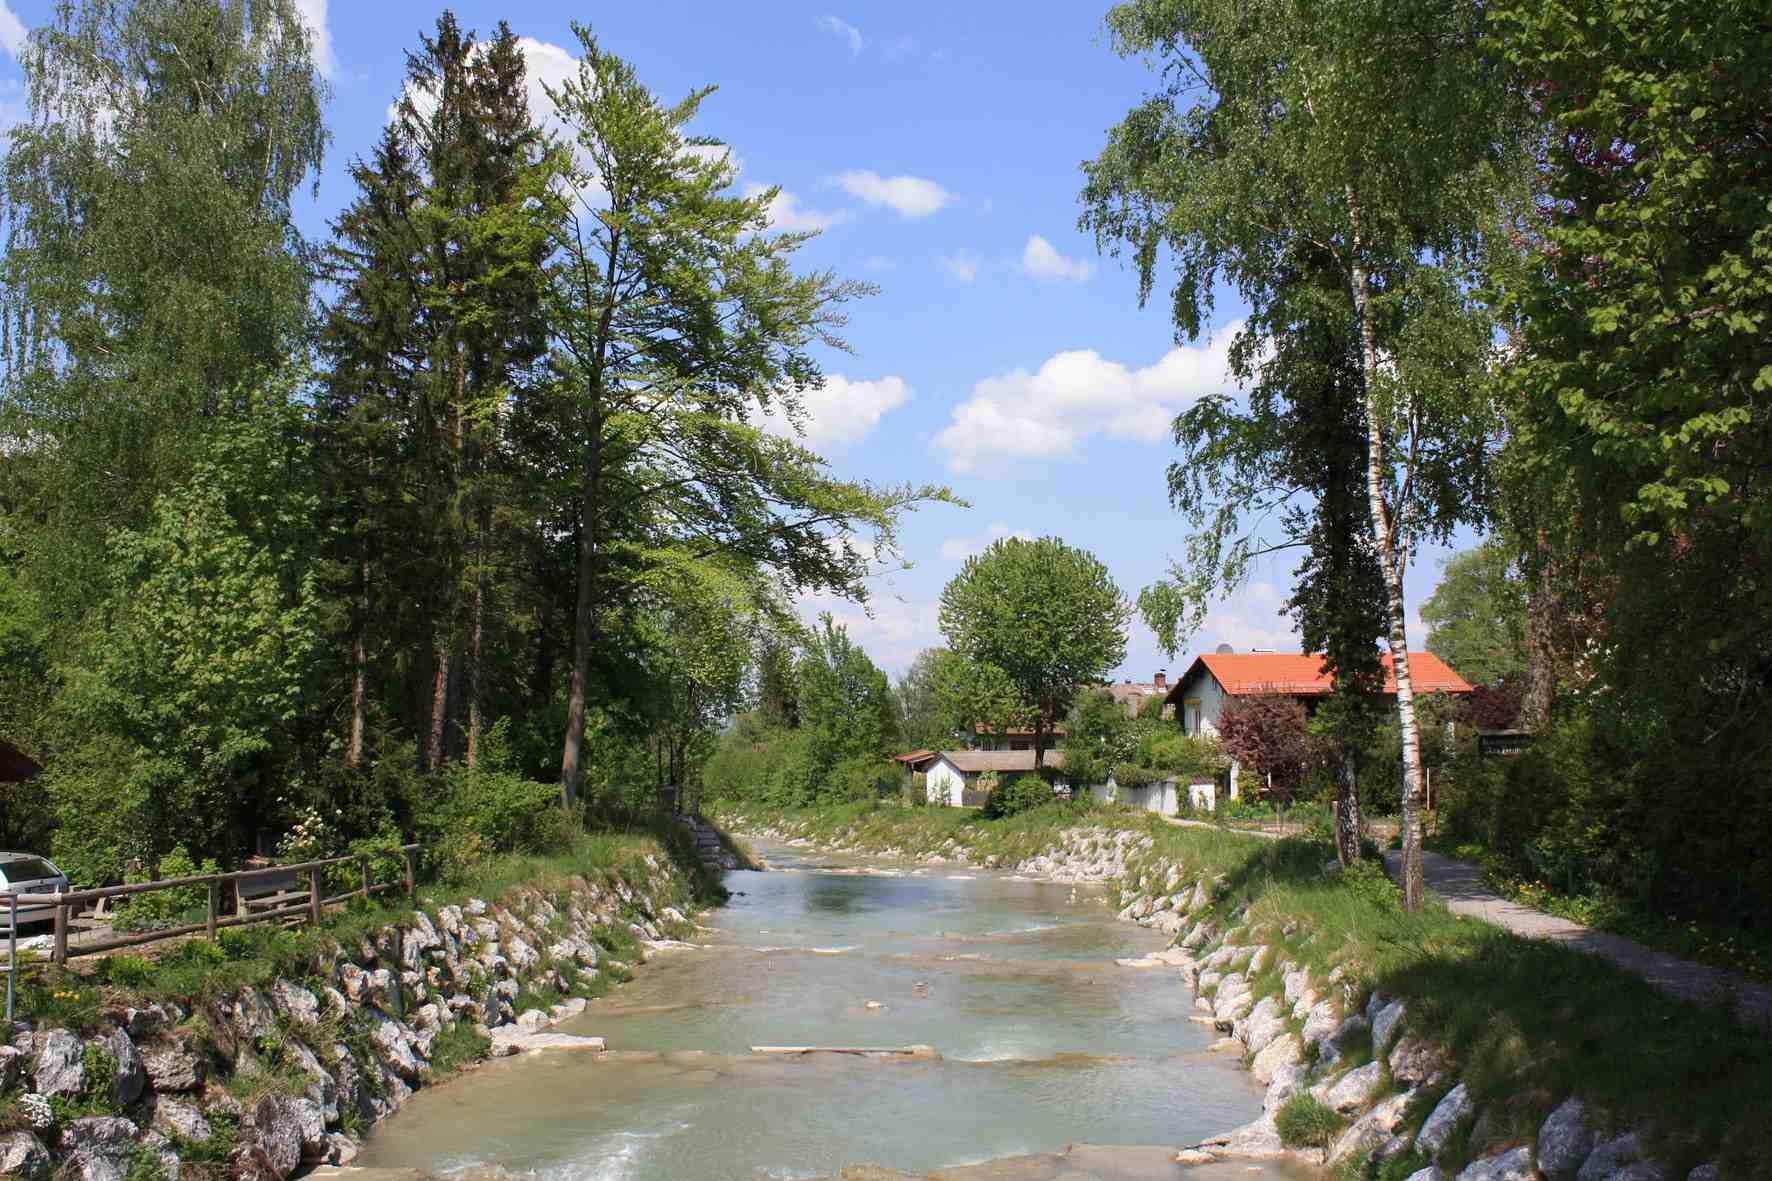 Zum Spielen ans Wasser lädt in Bad Feilnbach das Jenbachparadies Kinder und Erwachsene ein. Copyright: Kur- und Gästeinformation Bad Feilnbach